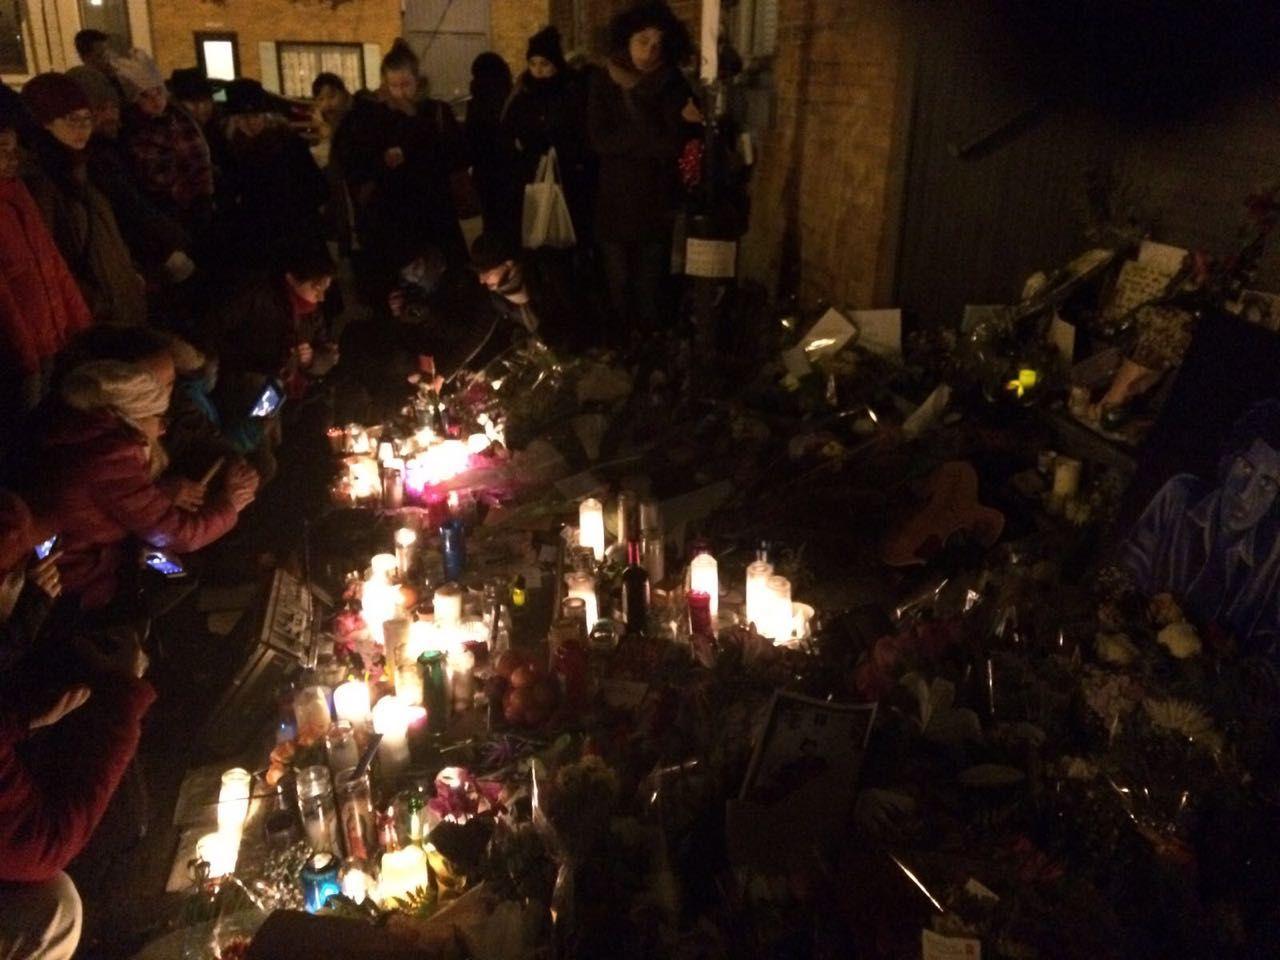 Fans huddled outside Leonard Cohen's Montreal residence